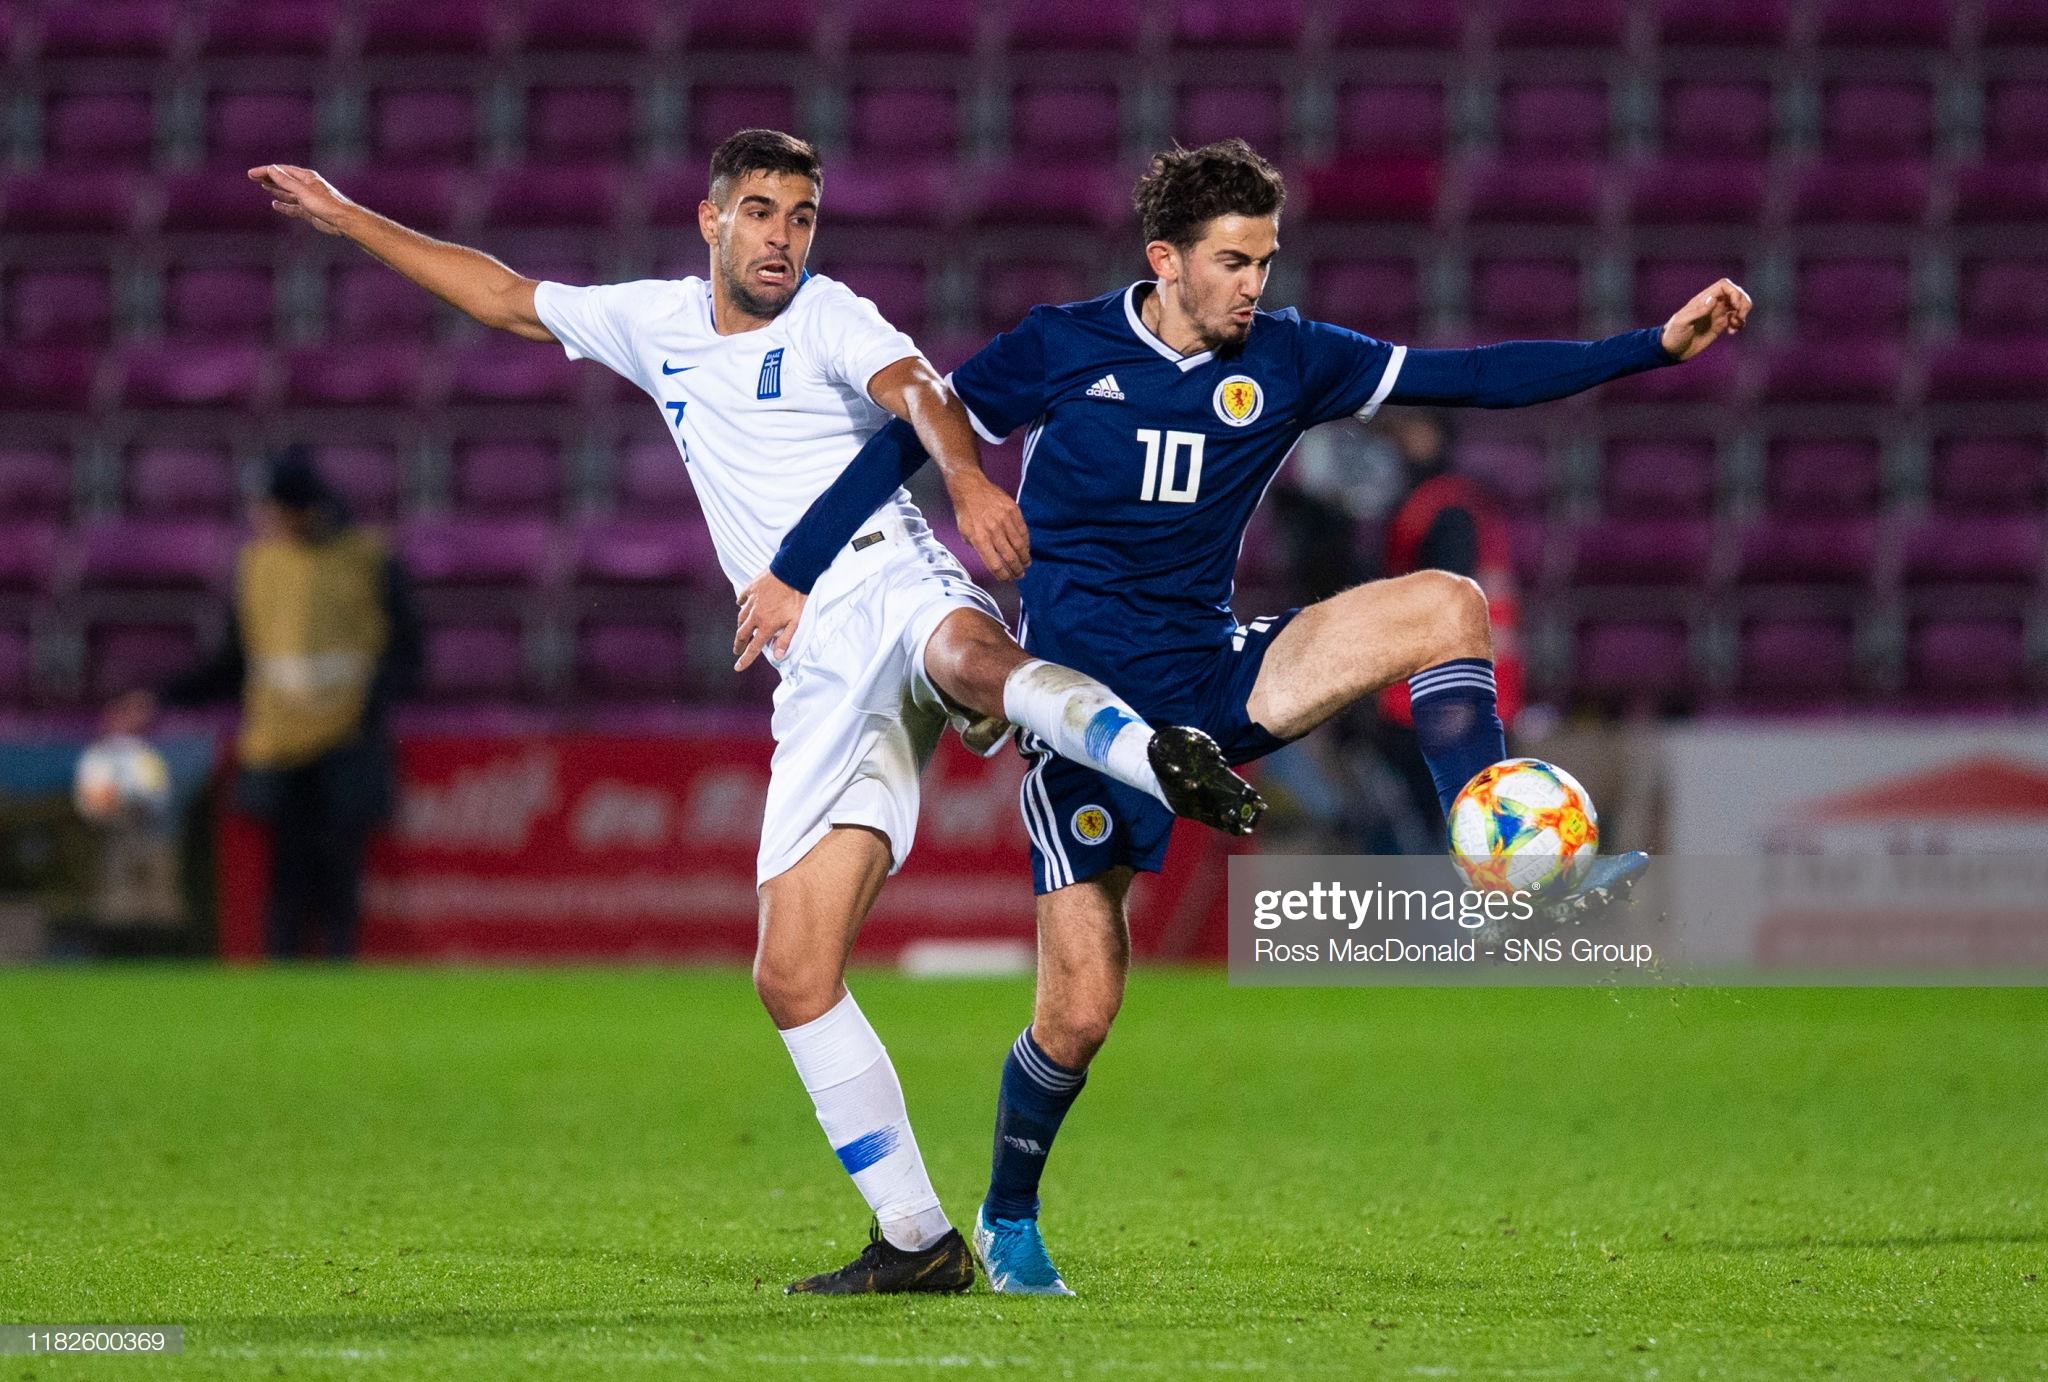 Εθνική Ελπίδων: Νίκη 1-0 στη Σκοτία και πρωτιά!